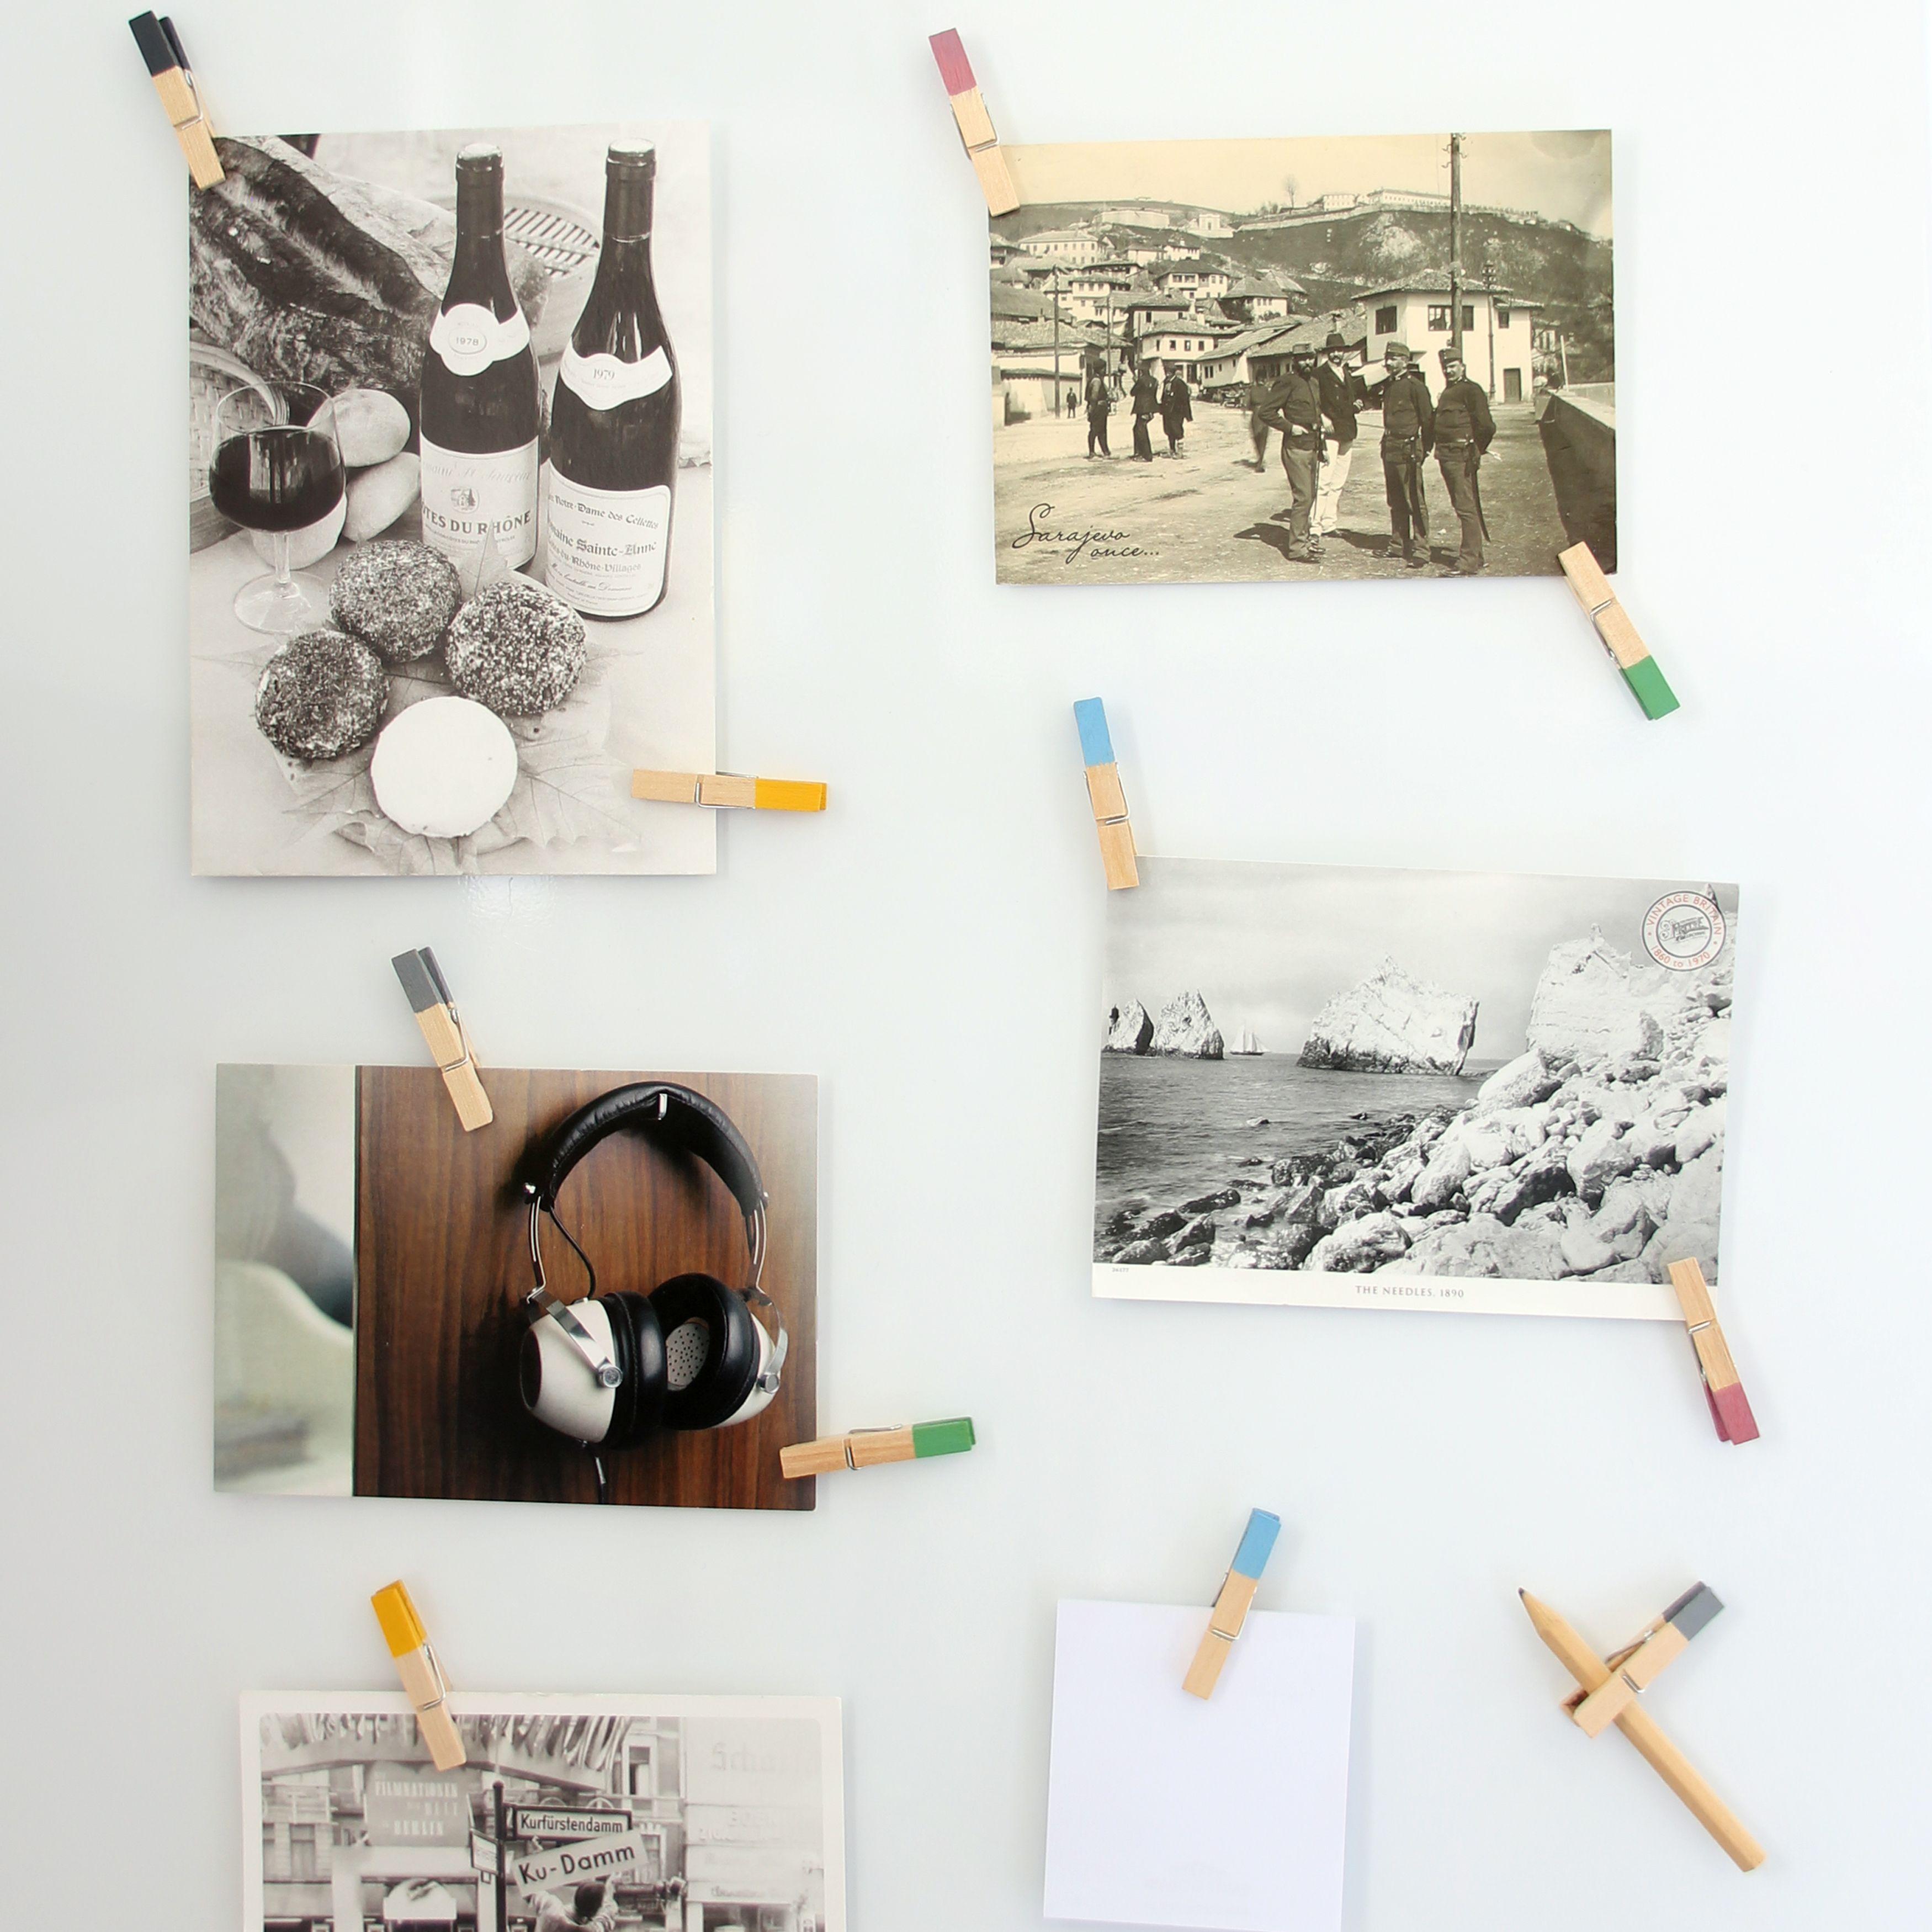 schwarz weiss fotos sch n gestalten bunte k hlschrank holzklammern magneten mit einem neodym. Black Bedroom Furniture Sets. Home Design Ideas